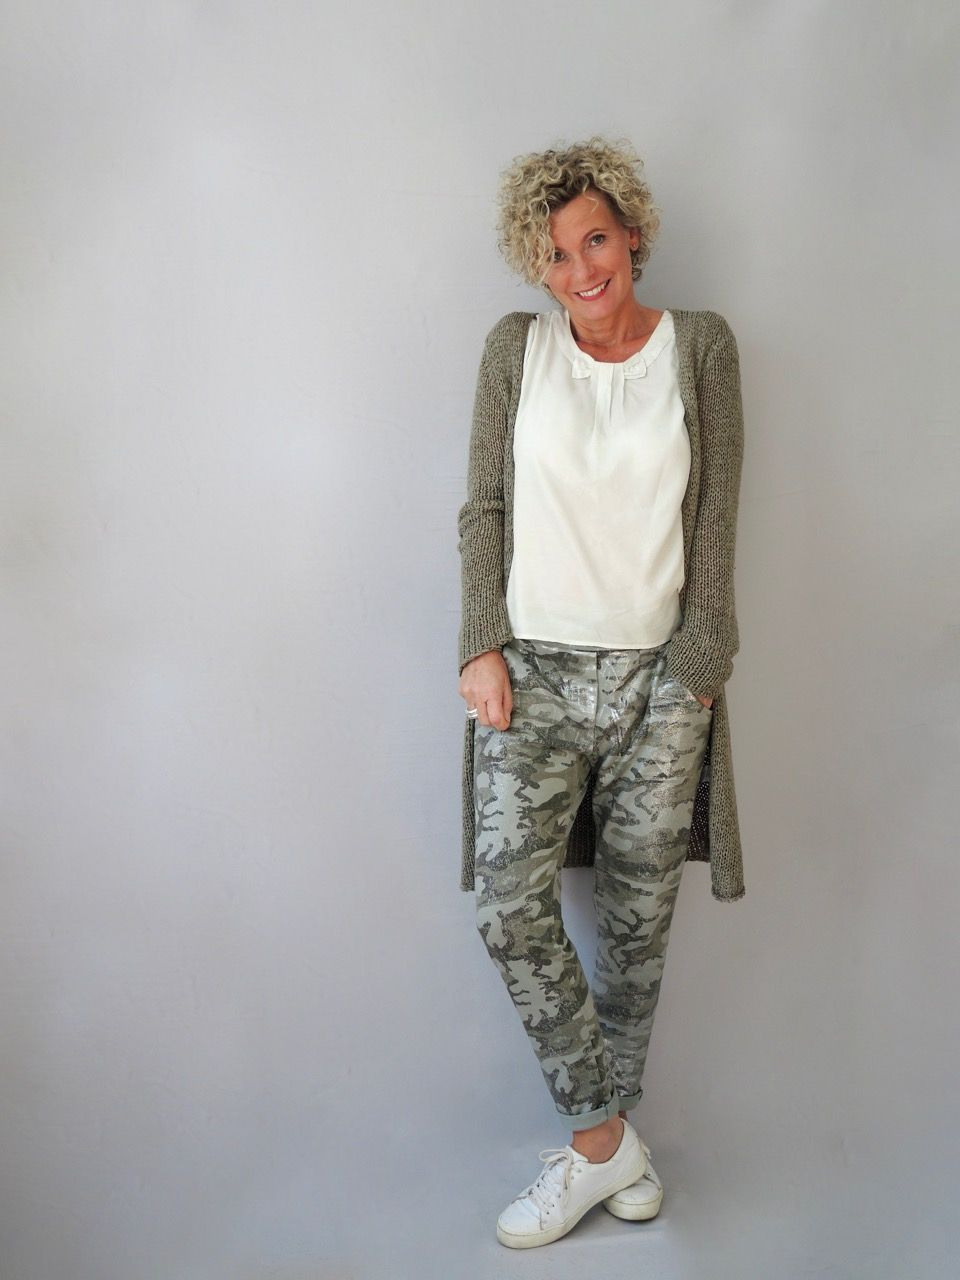 Camouflage Versteckt Dich Kein Bisschen  Women2Style